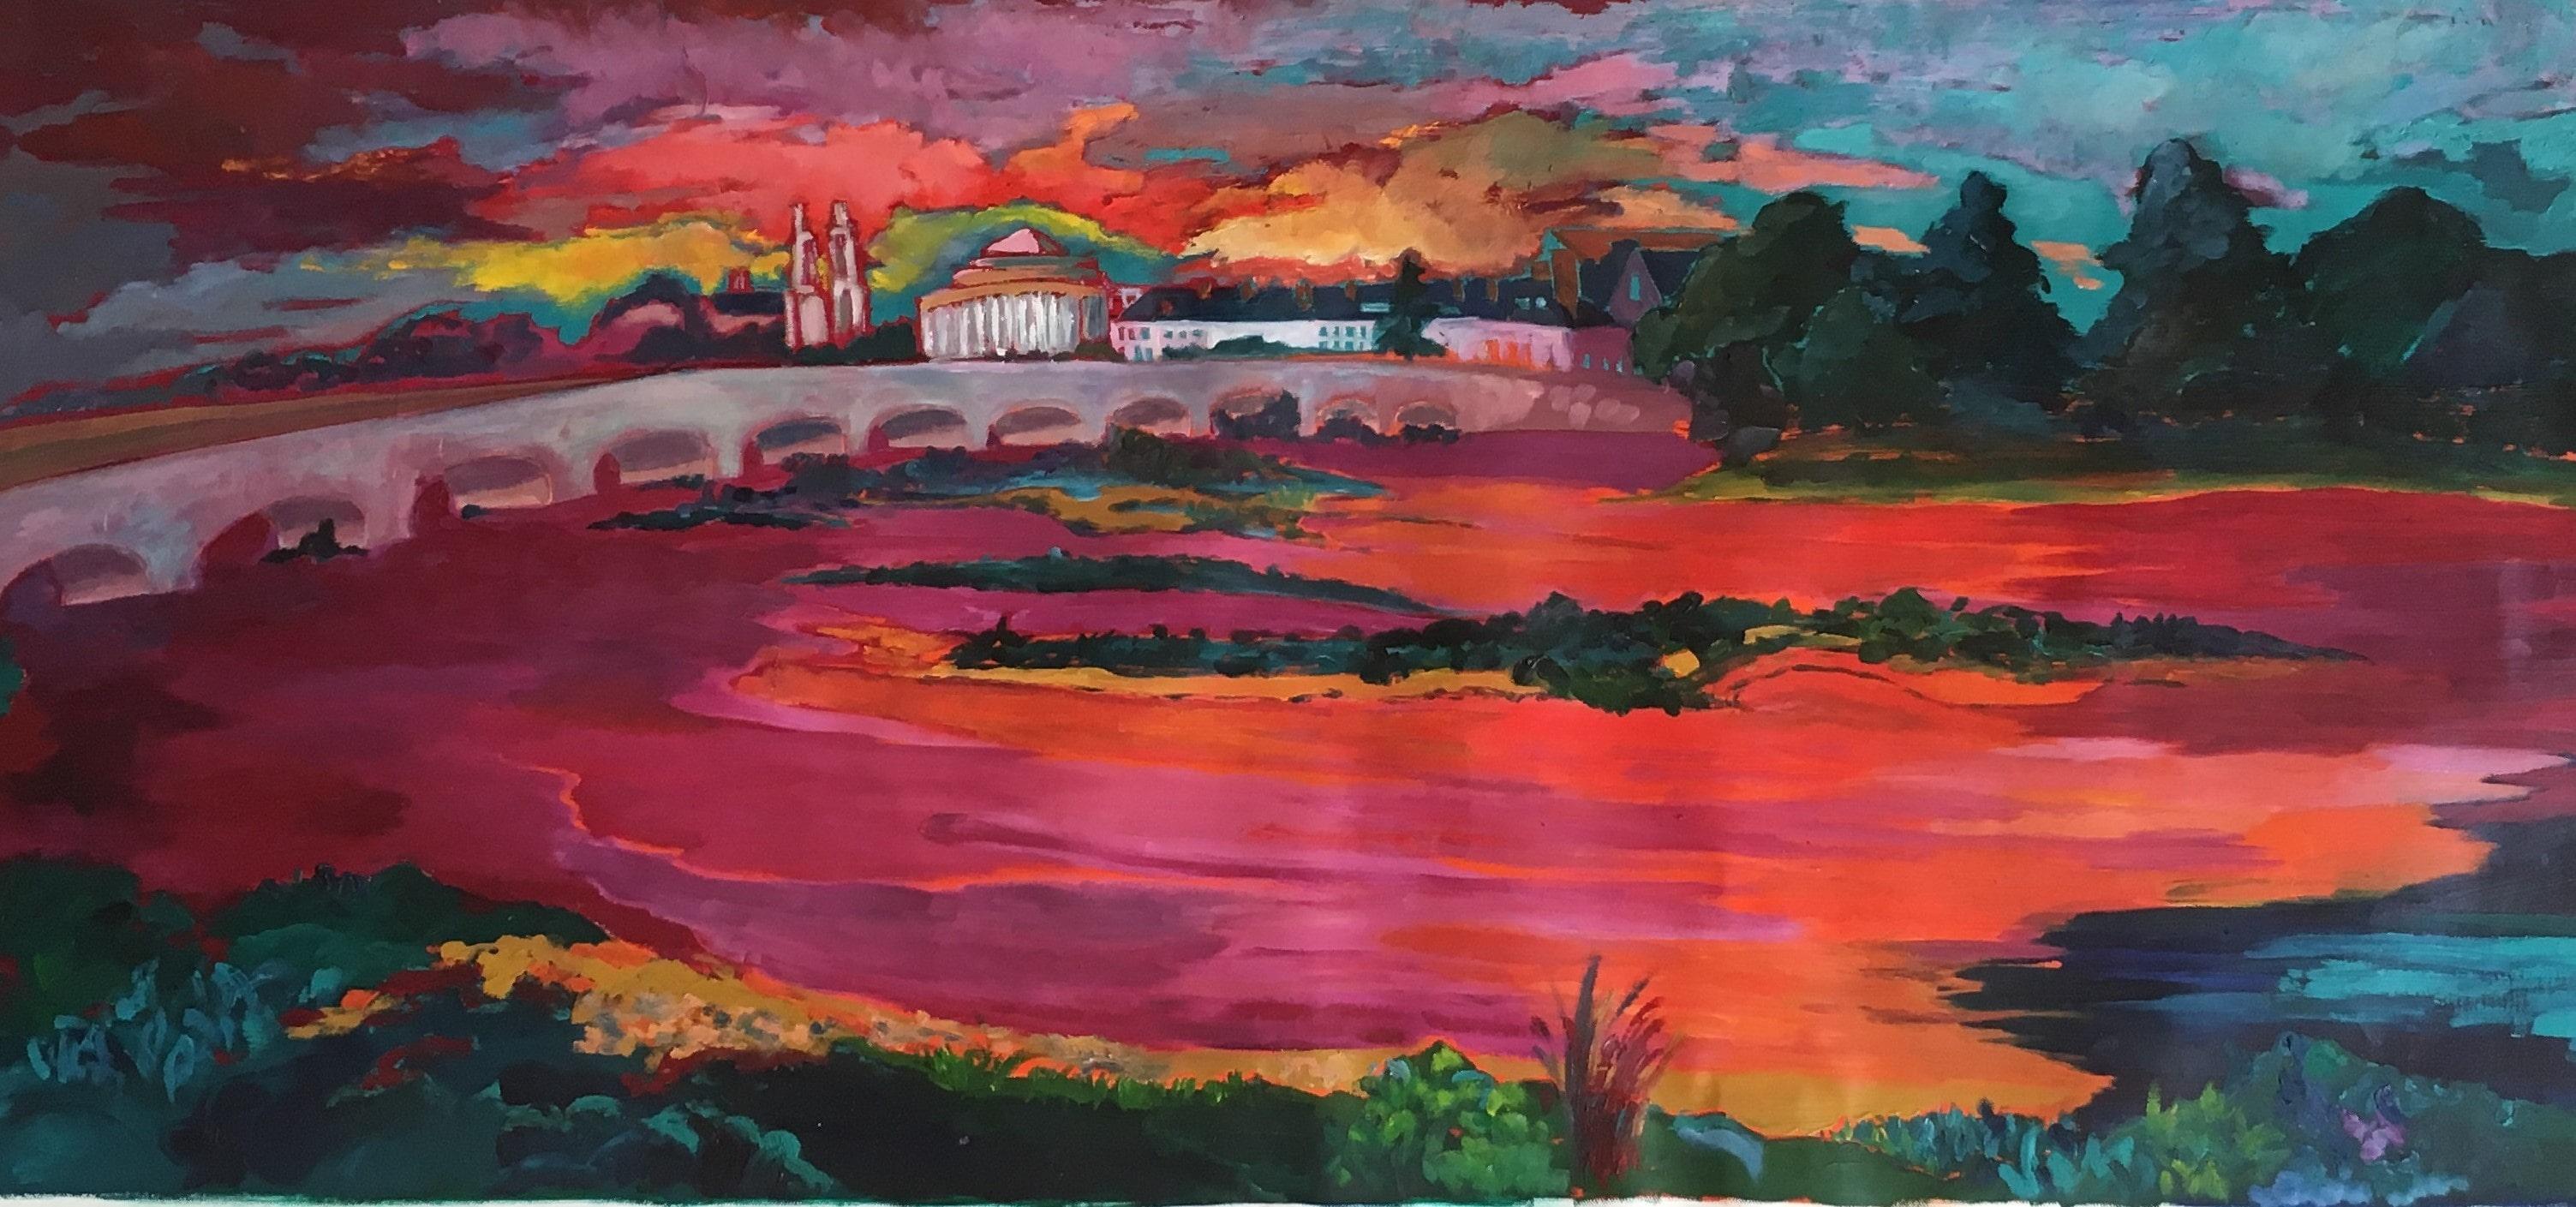 Hôtes et artistes en poitou - Coucher de soleil sur la Loire - Pont Colbert